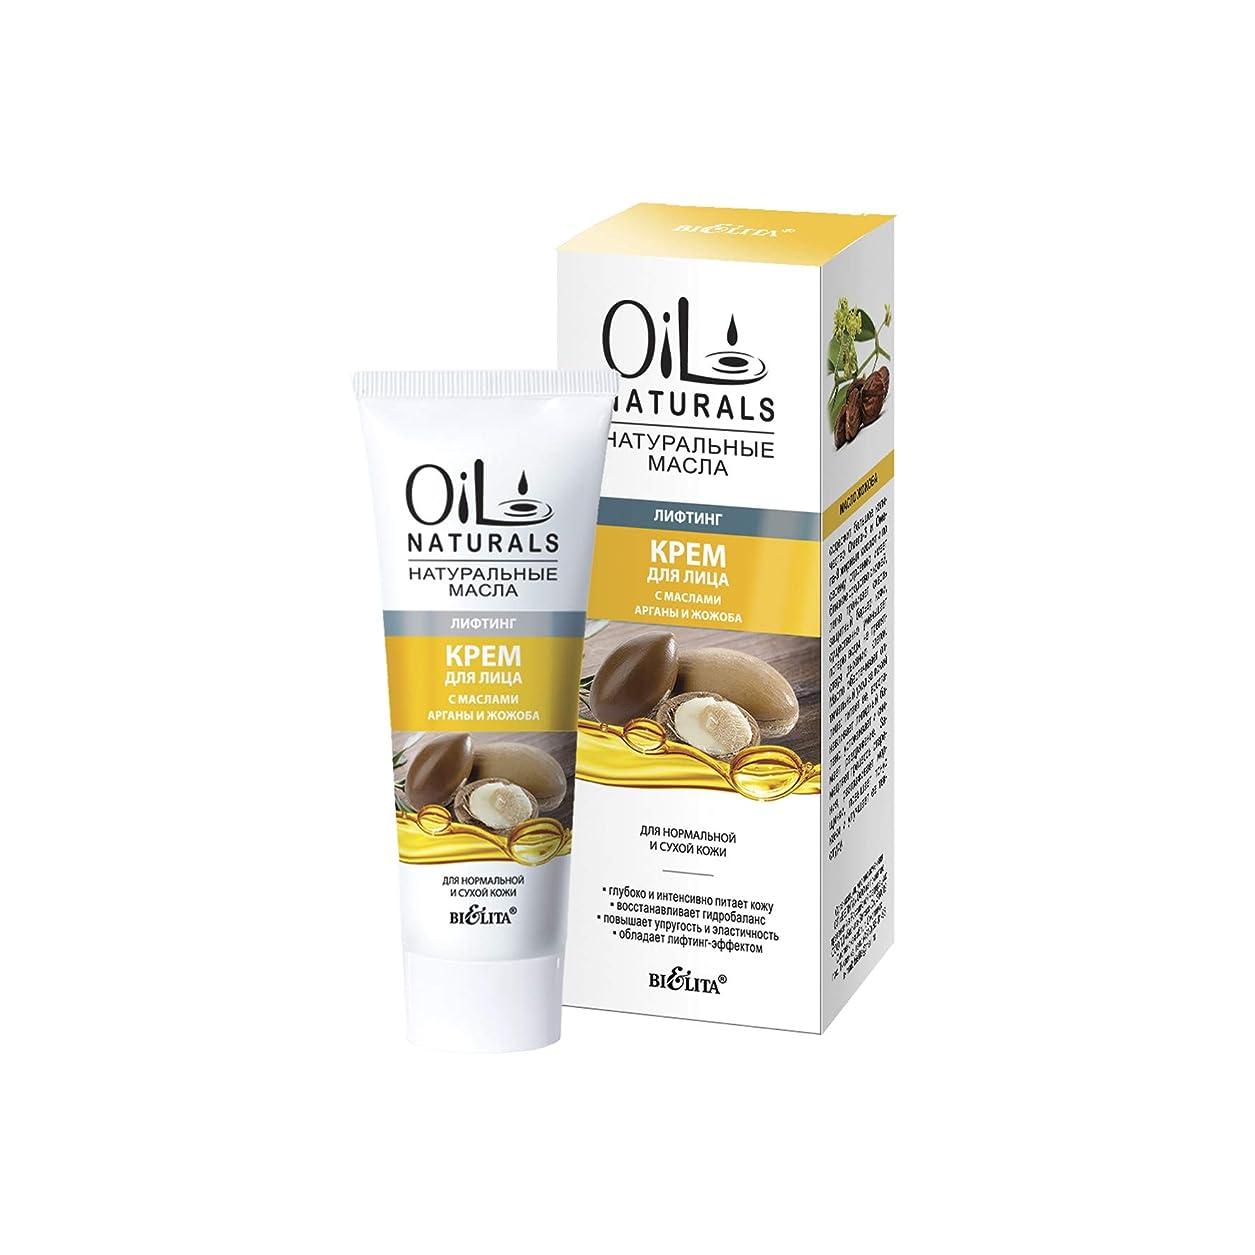 ベル知らせる勇気Bielita & Vitex | Argan Oil, Jojoba Oil Moisturising Cream for the Face 50ml | Intensive Moisturizer With Natural Cosmetic Oils for Normal and Dry Skin